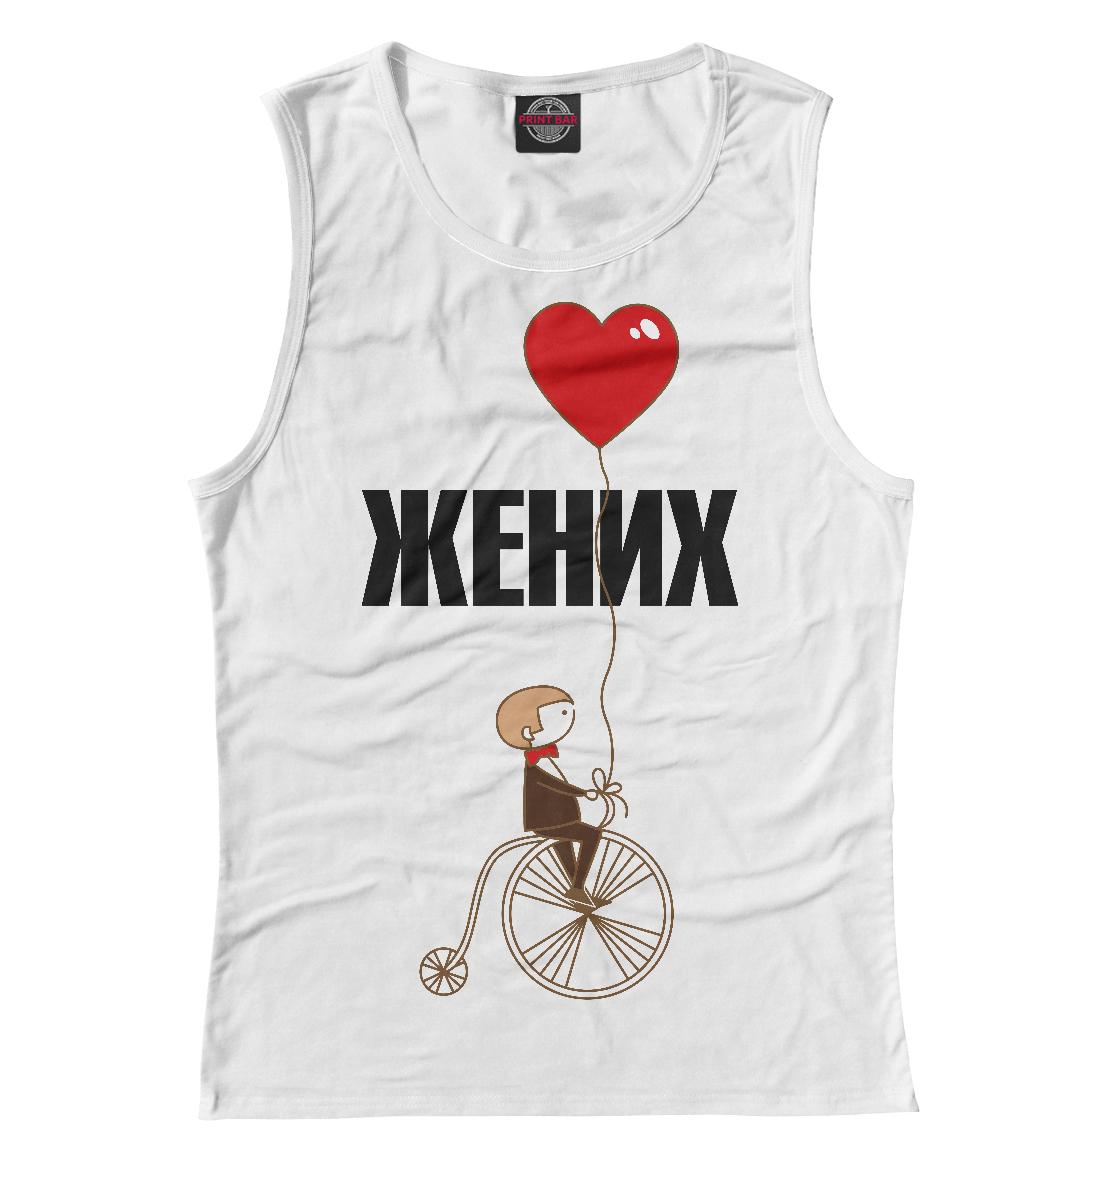 Купить Жених на велосипеде, Printbar, Майки, SVD-259326-may-1